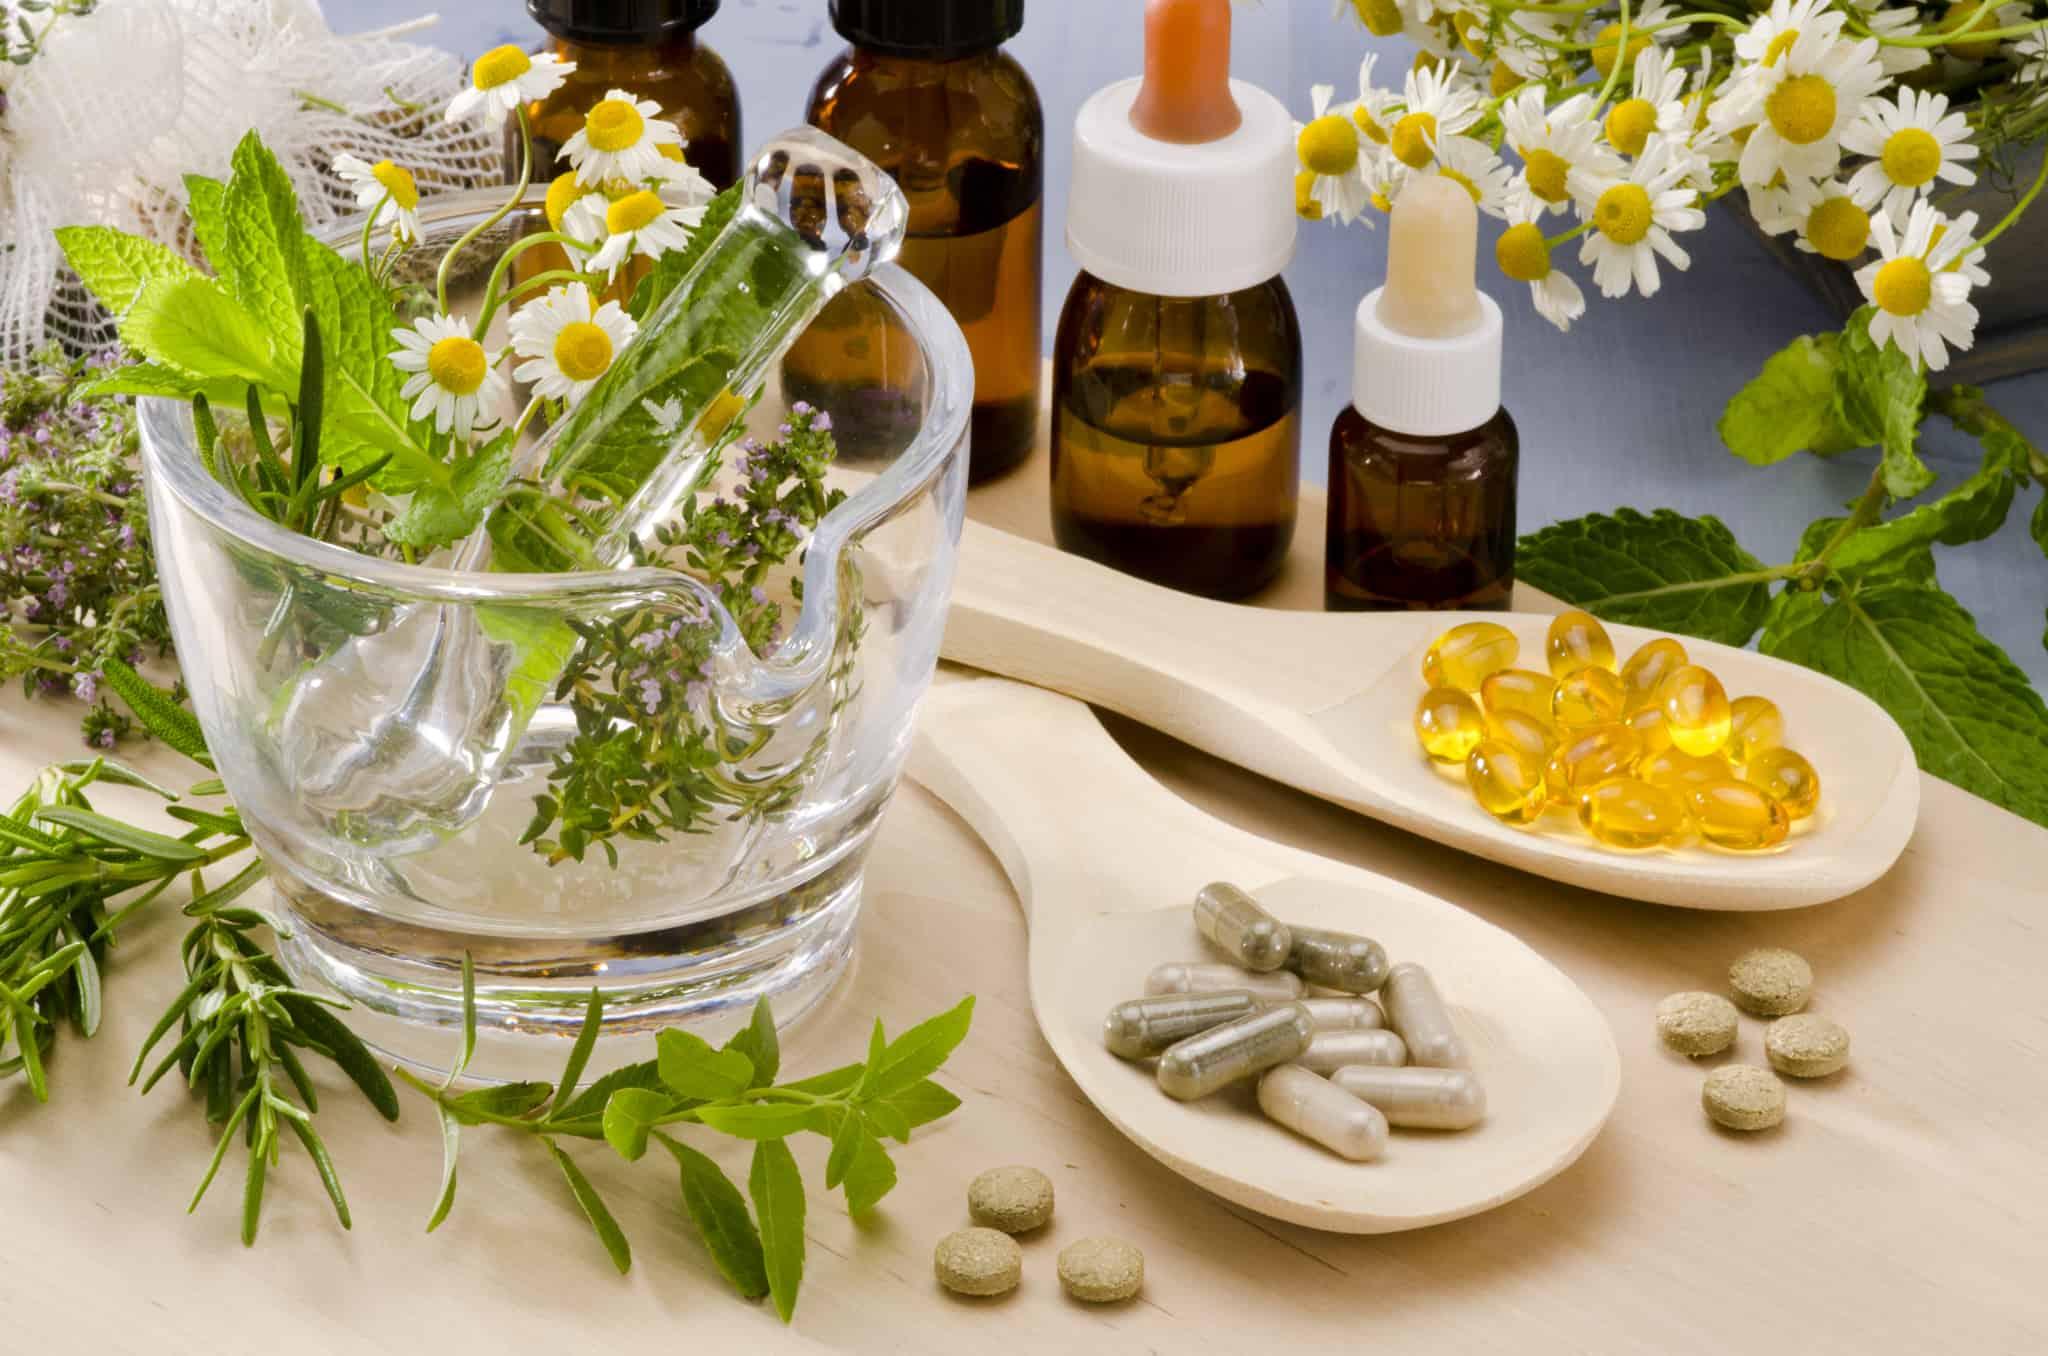 Naturheilkunde/alternative Medizin | Praxis Juliane Danziger Bispingen